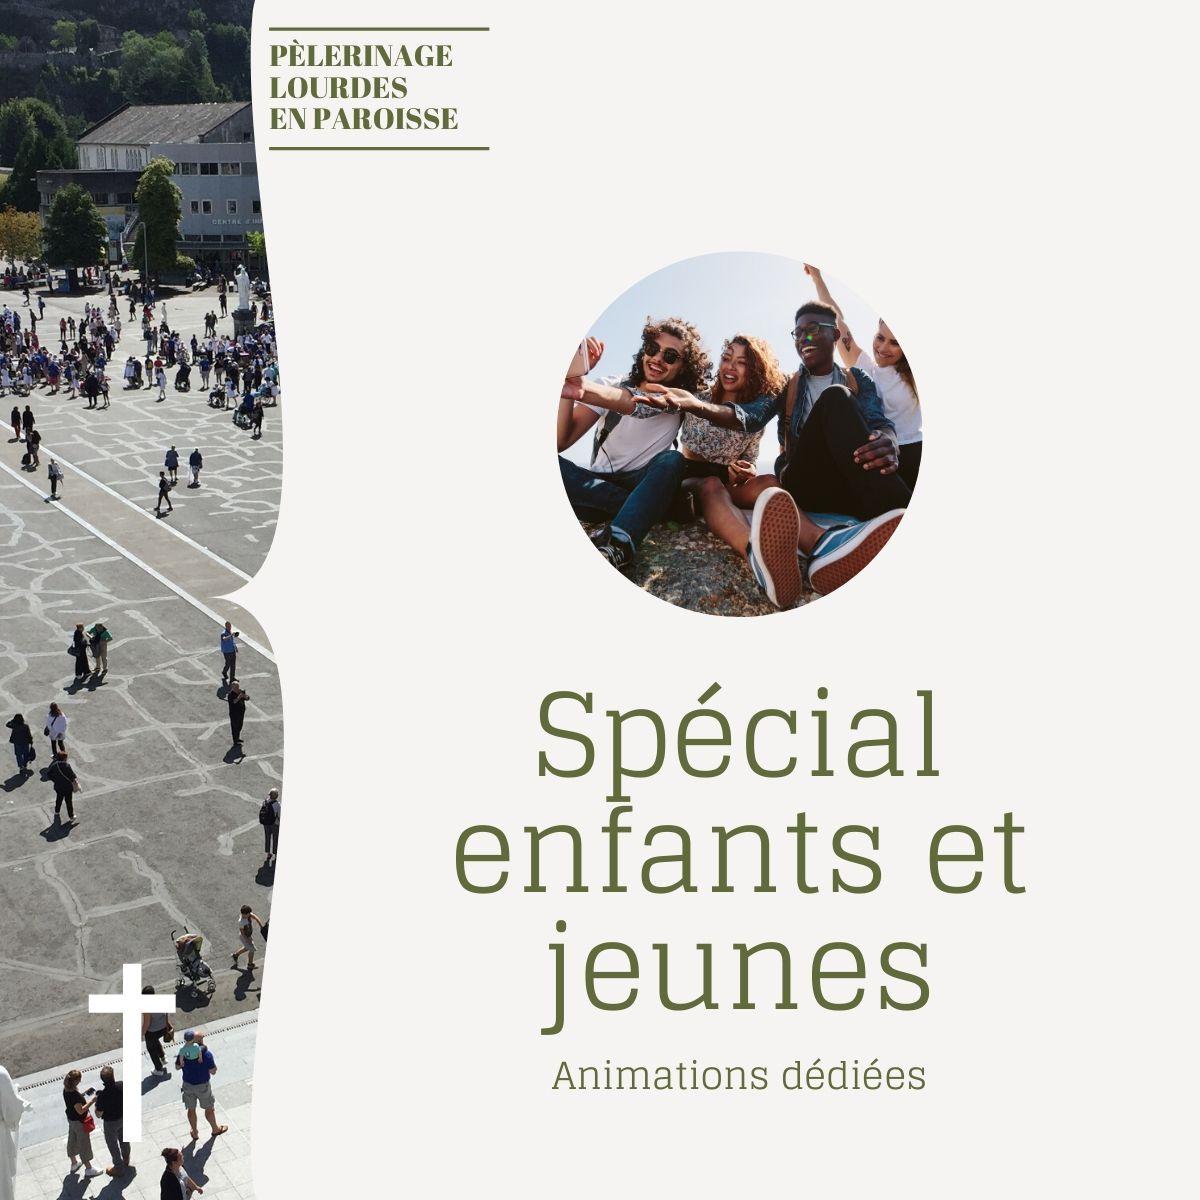 Pèlerinage de Lourdes en paroisse : animations enfants et jeunes